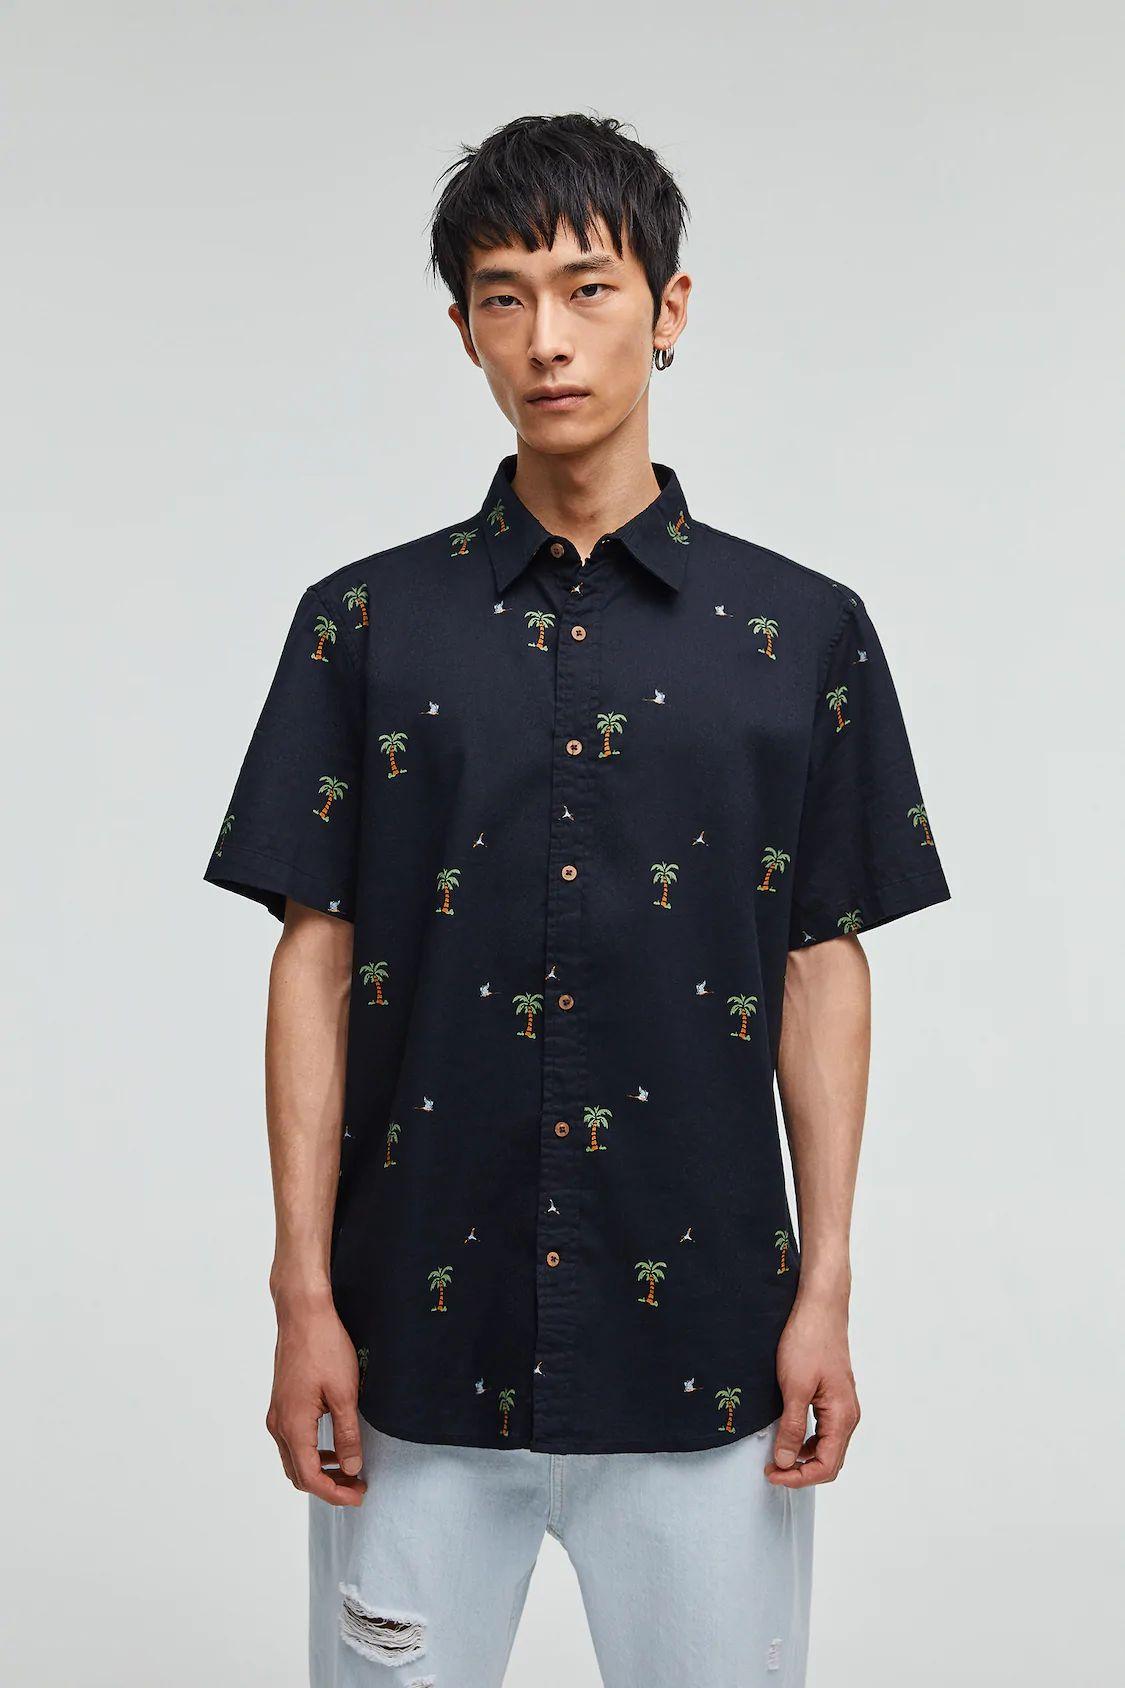 Camisa veraniega. Tallas XS a L. Envío gratis a tienda